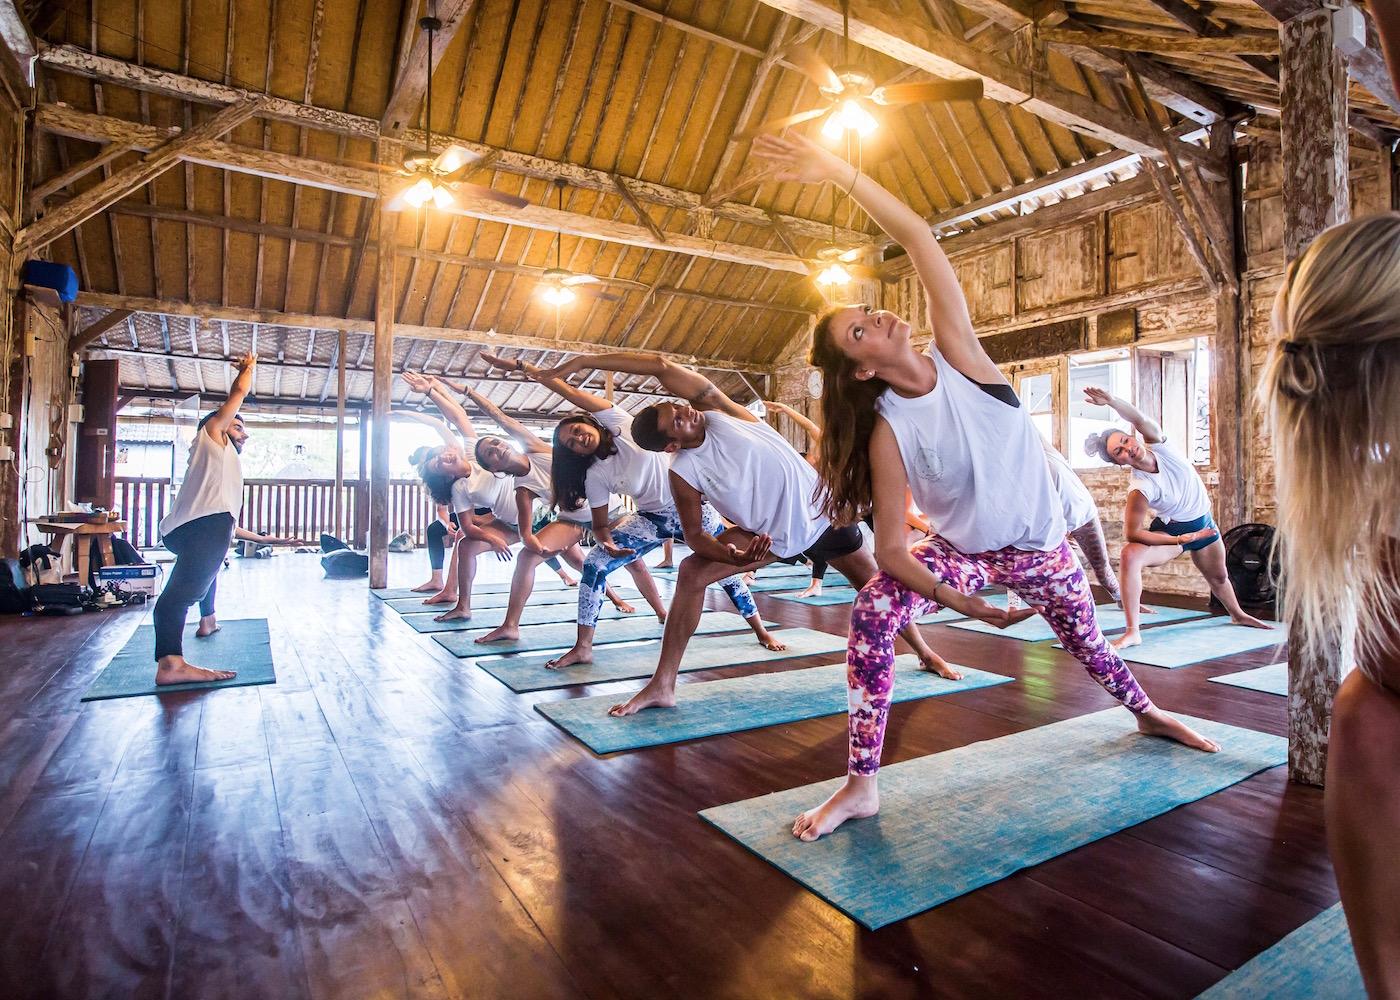 Yogis at Serenity Yoga studio in Canggu, Bali, Indonesia